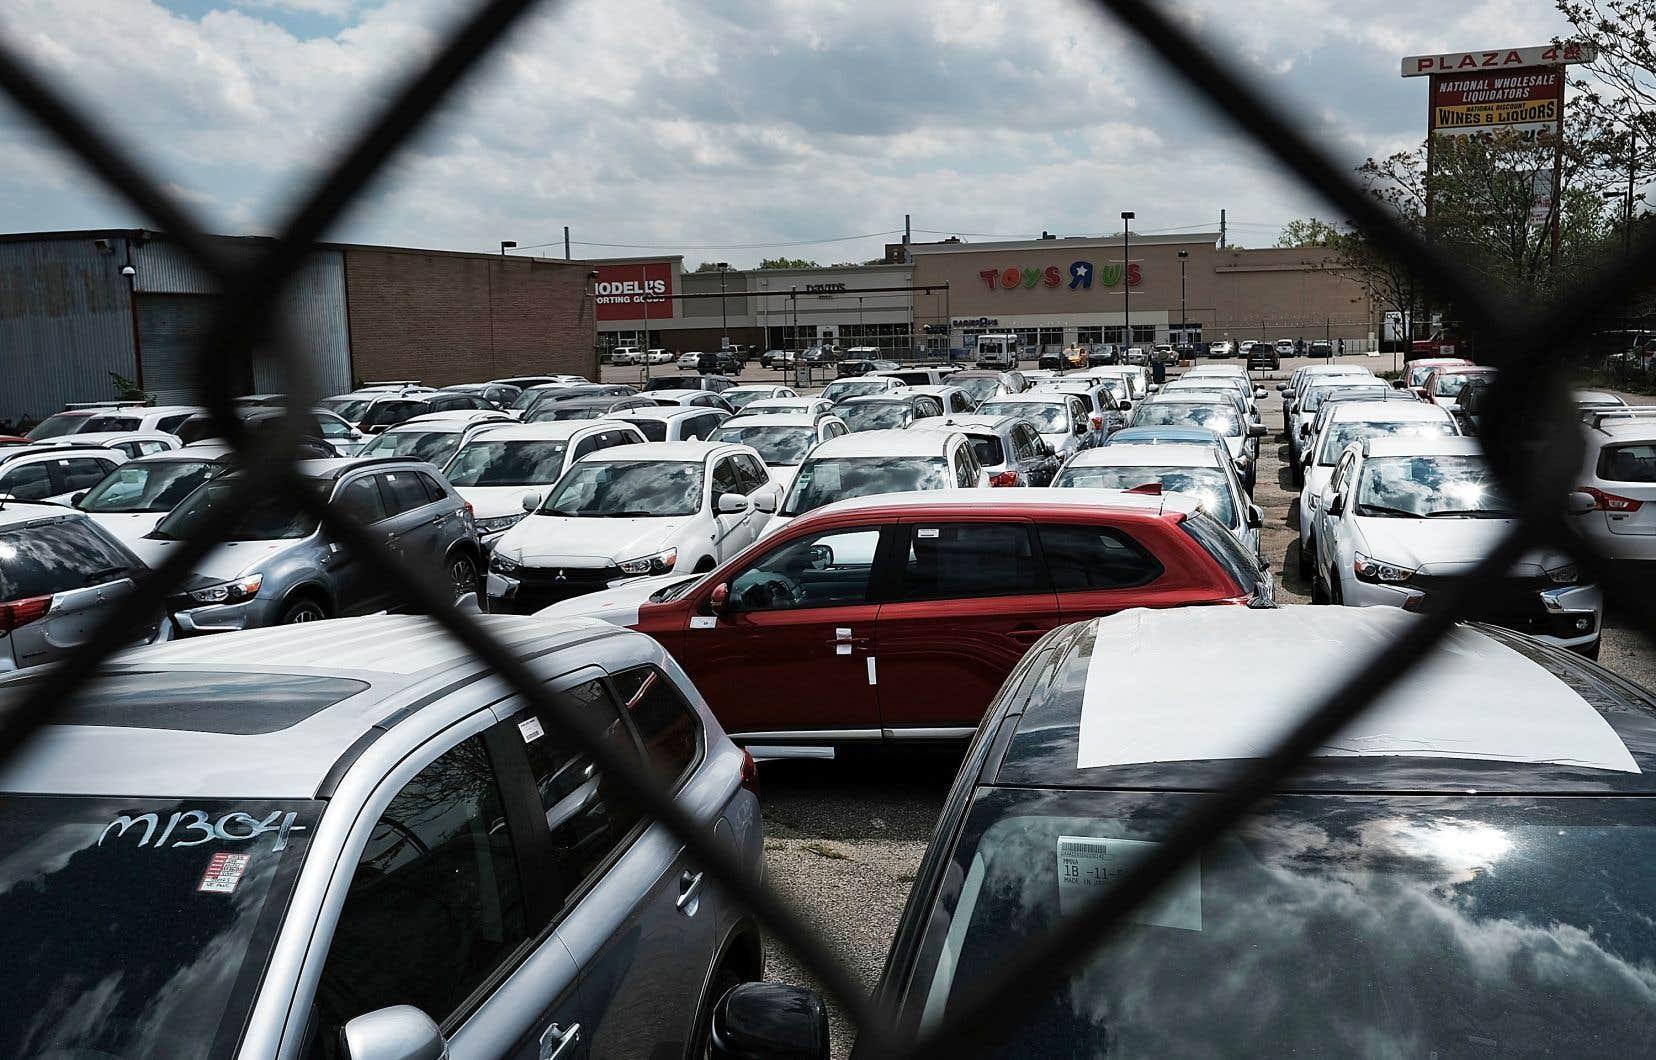 La Fed d'Atlanta prévoit seulement 1,8% d'expansion en rythme annuel, du fait d'indicateurs mitigés dans les ventes de détail et d'automobiles notamment.